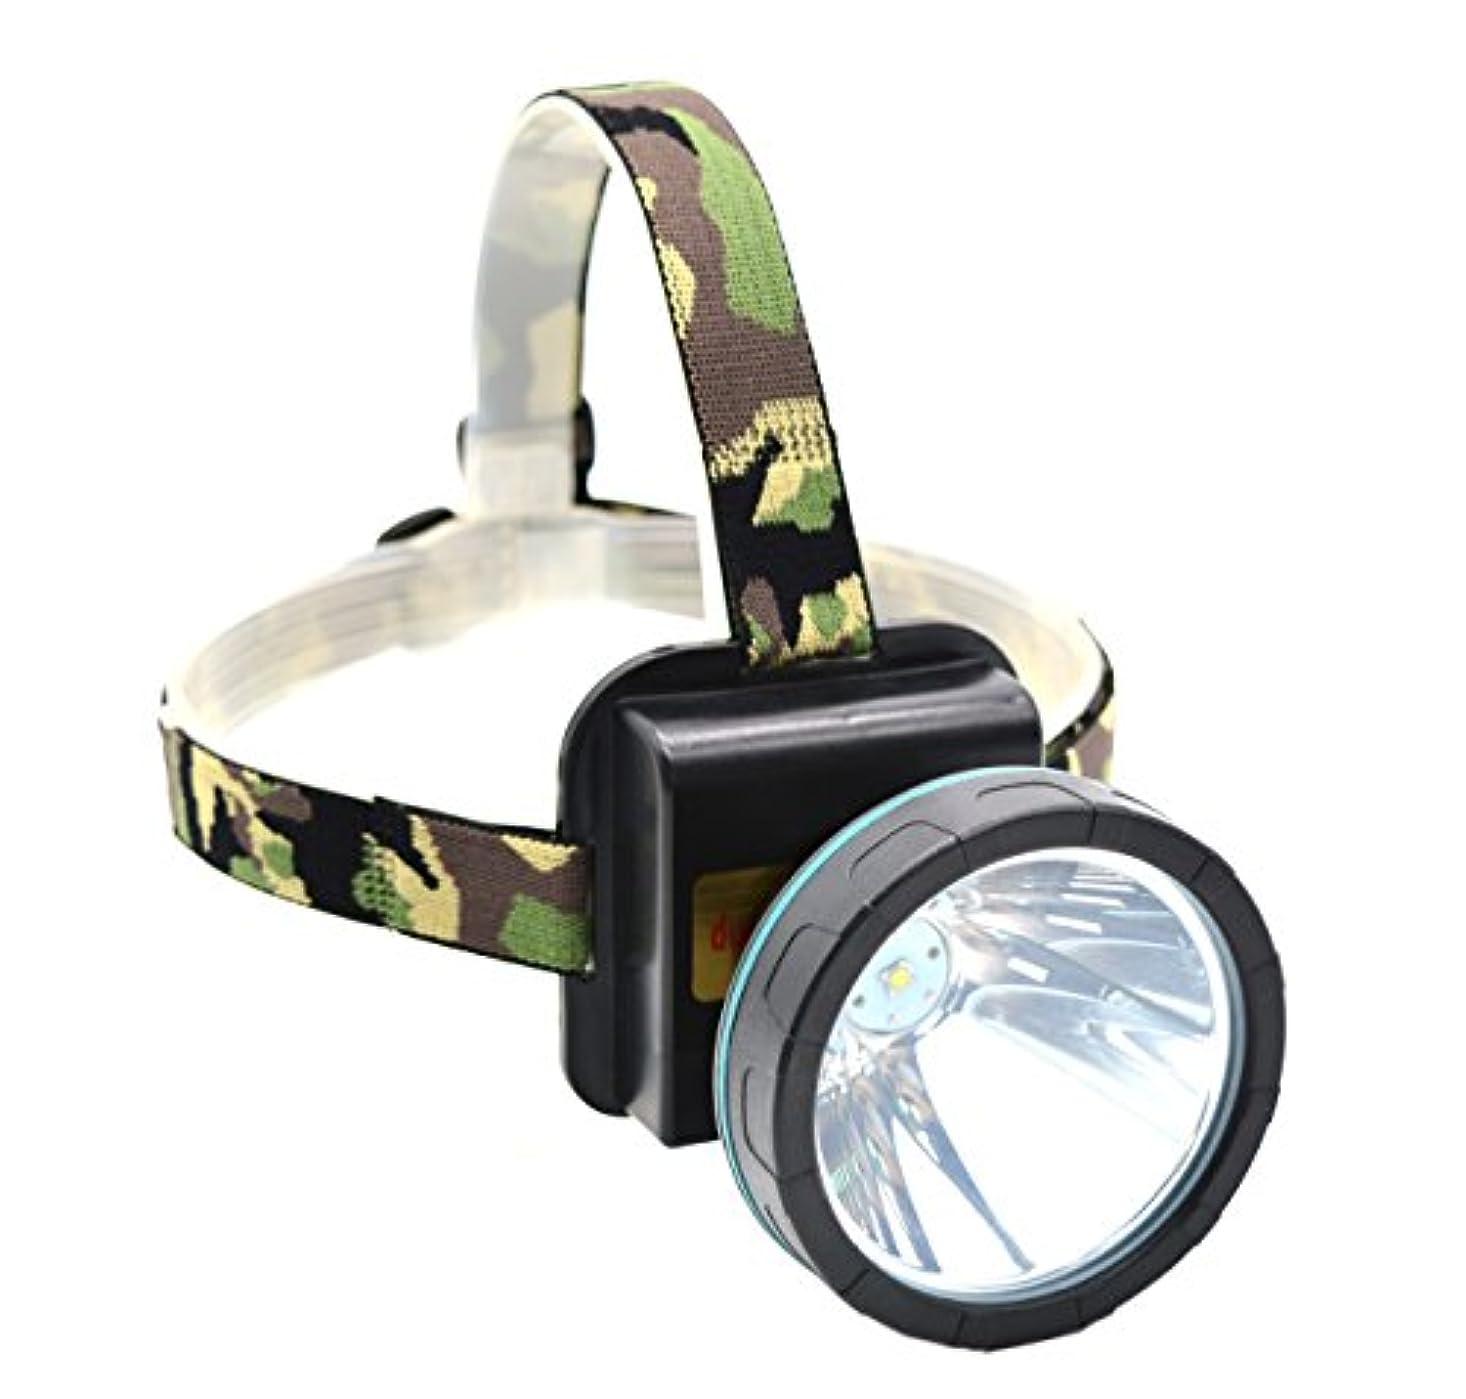 自己精査する変動するEornmor超強力8000ルーメン充電式LEDヘッドライト防水アウトドアー夜釣り工事作業 防災グッズ